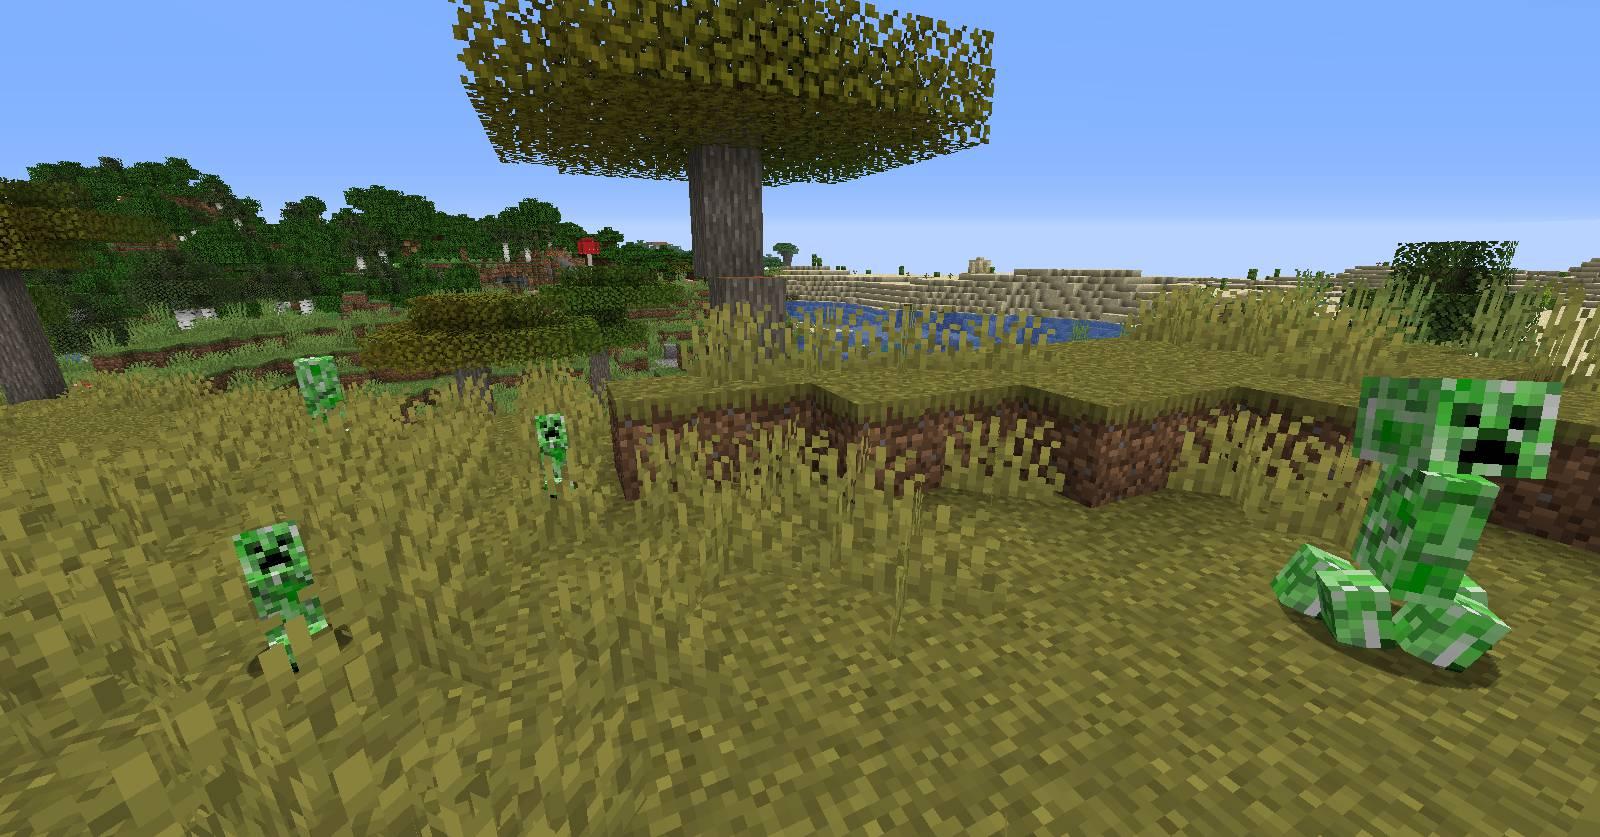 Creeper Spores mod for minecraft 22